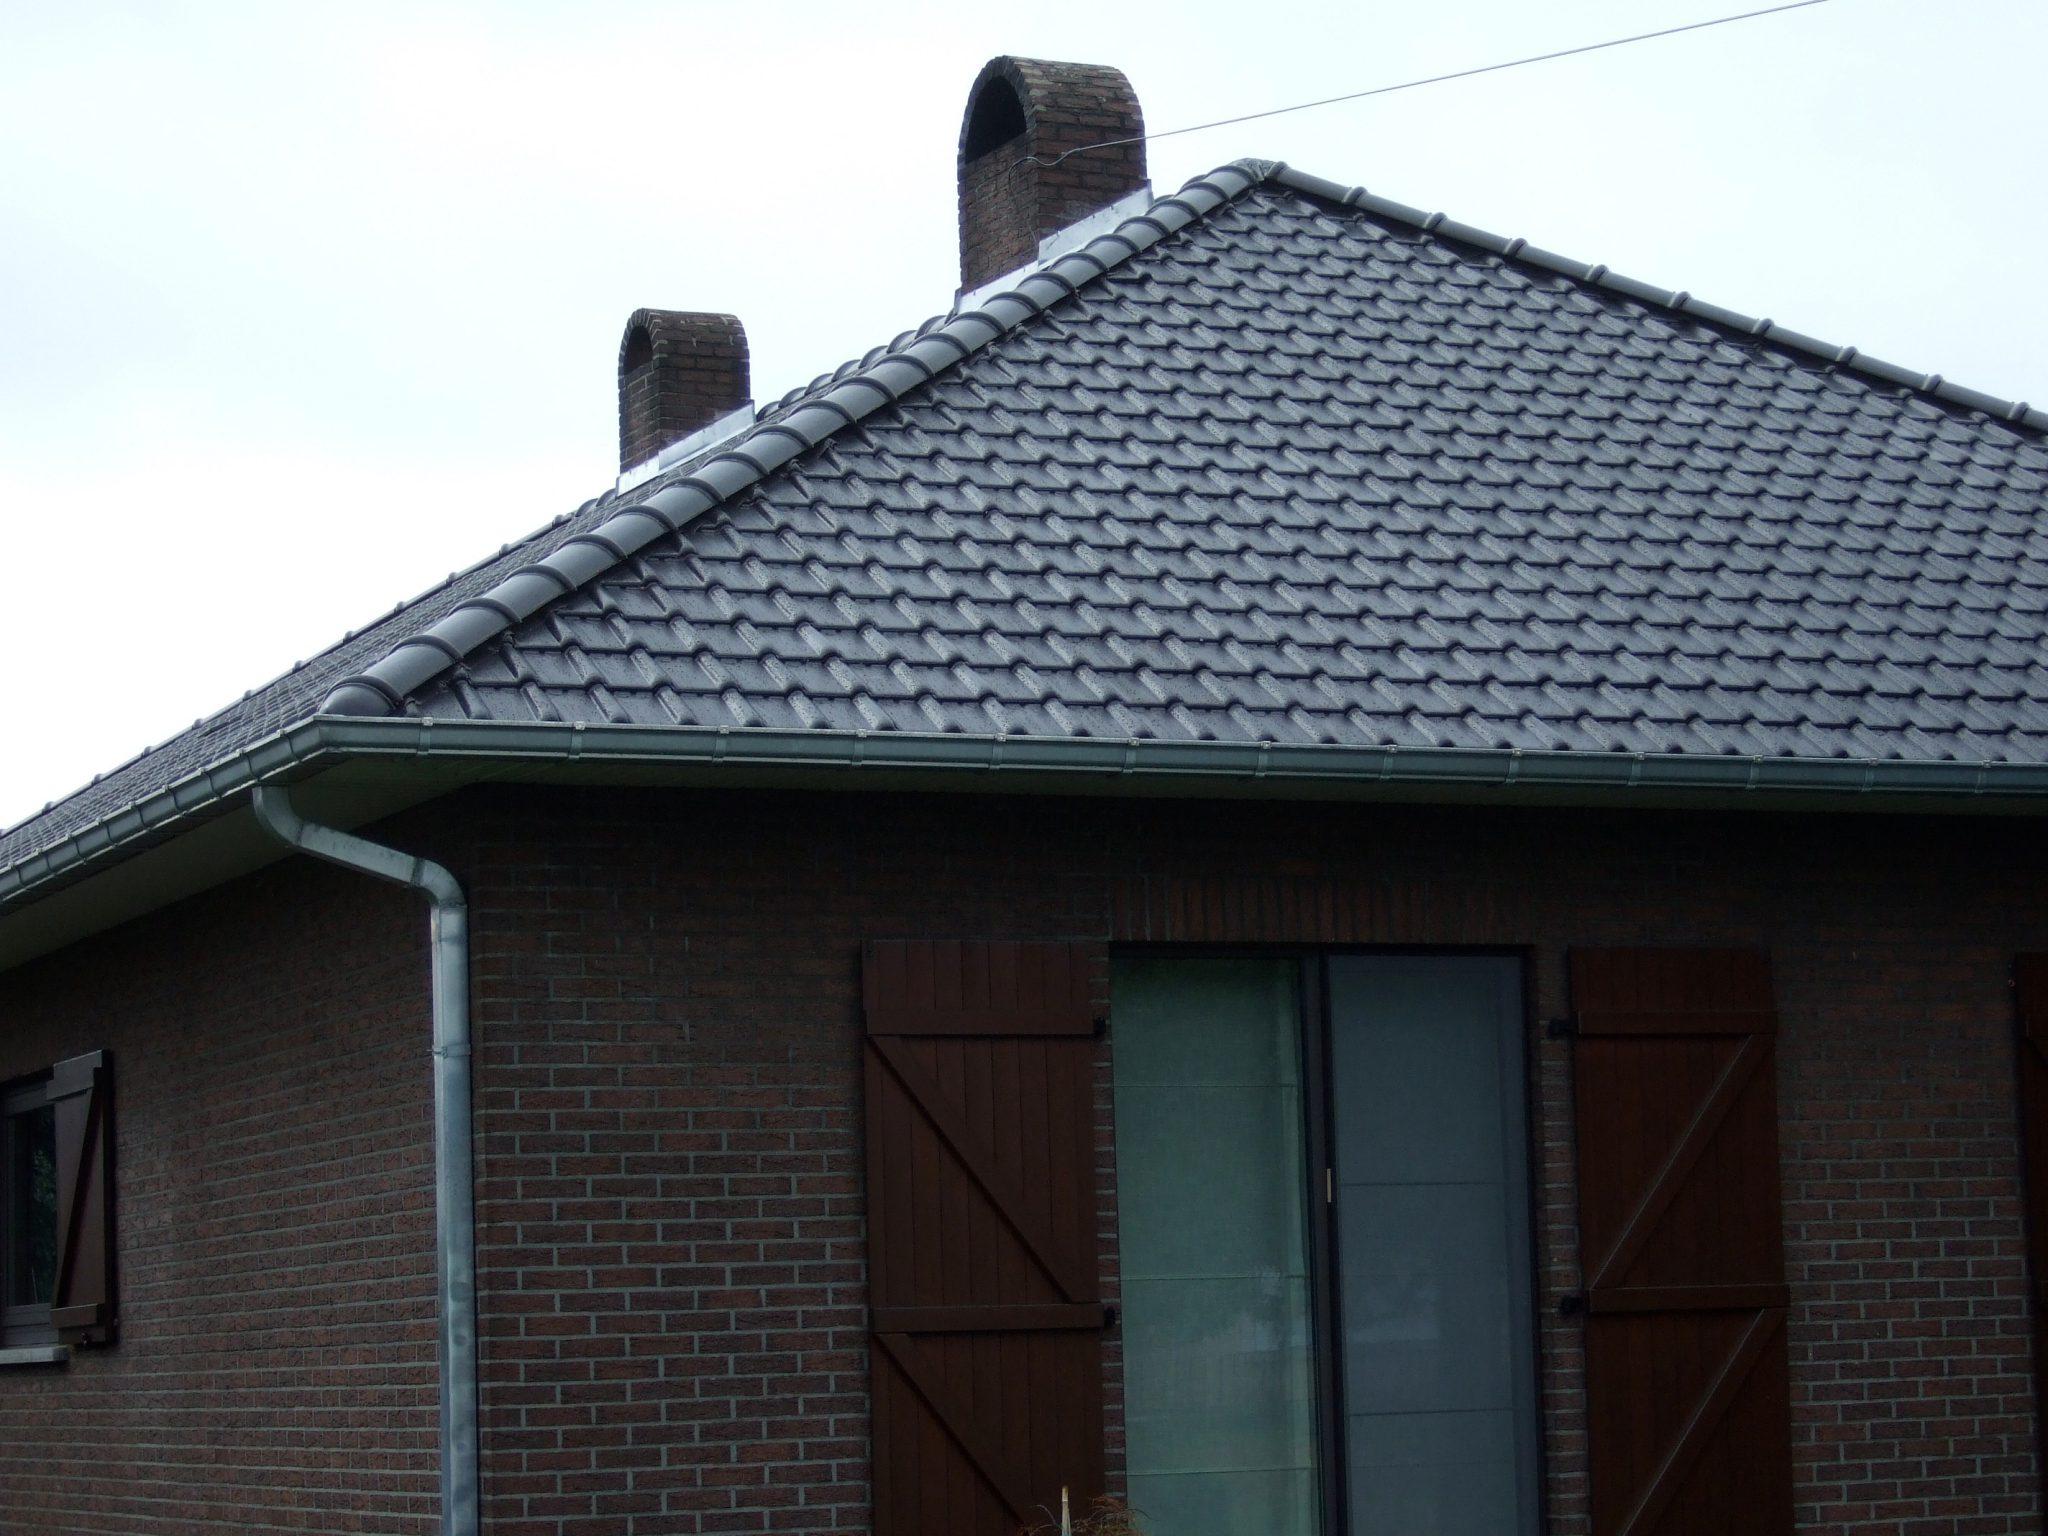 gerenoveerd dak - aha dakwerken - wellen